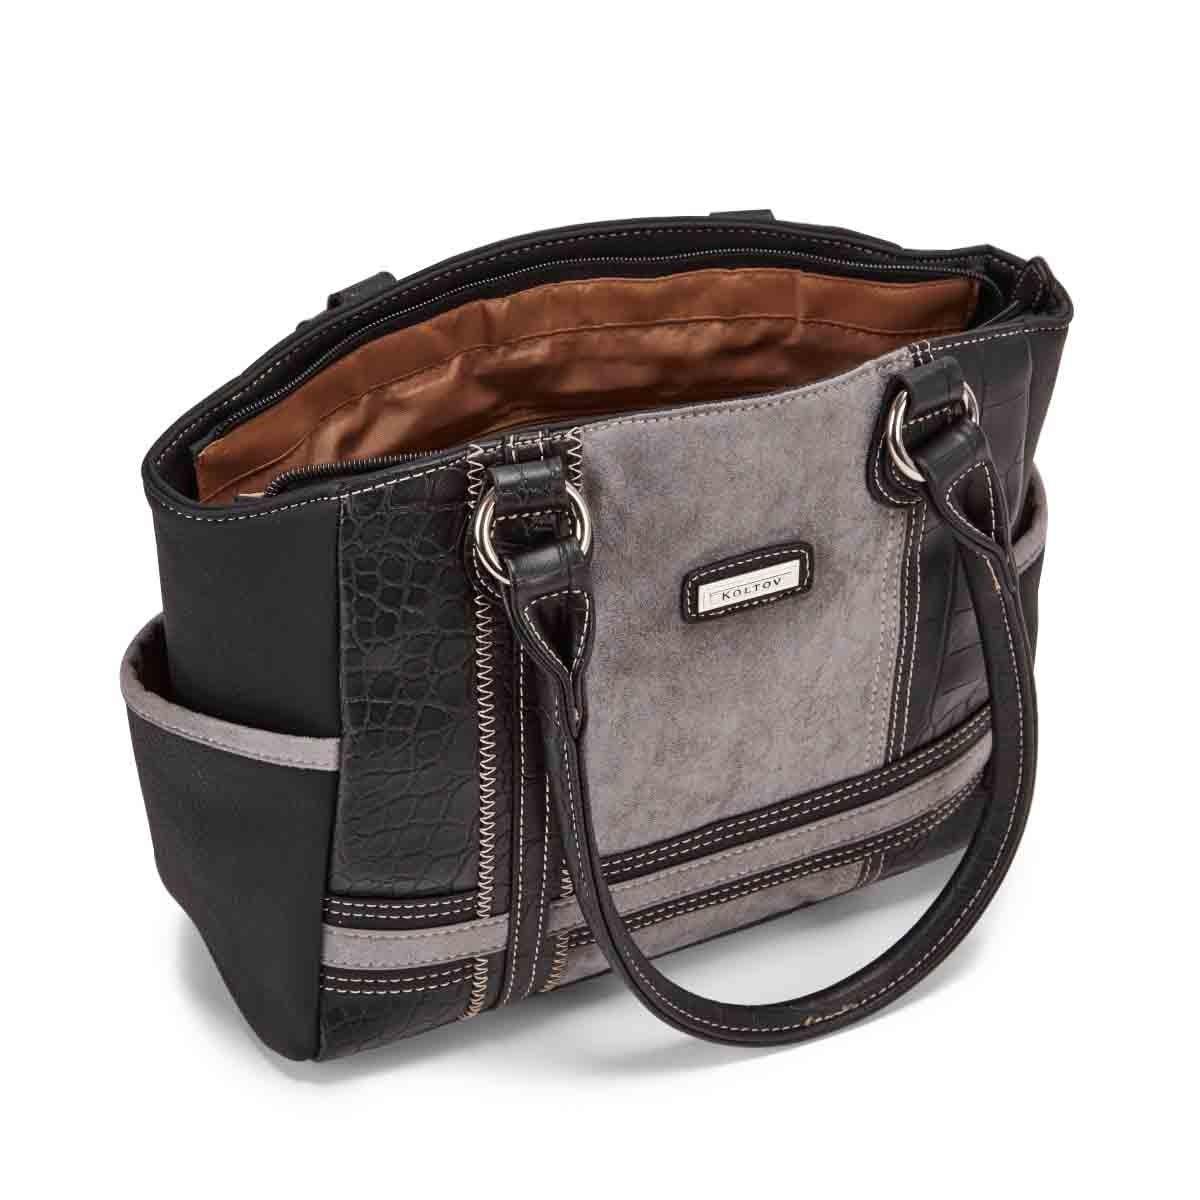 Lds Clark black/combo shoulder bag